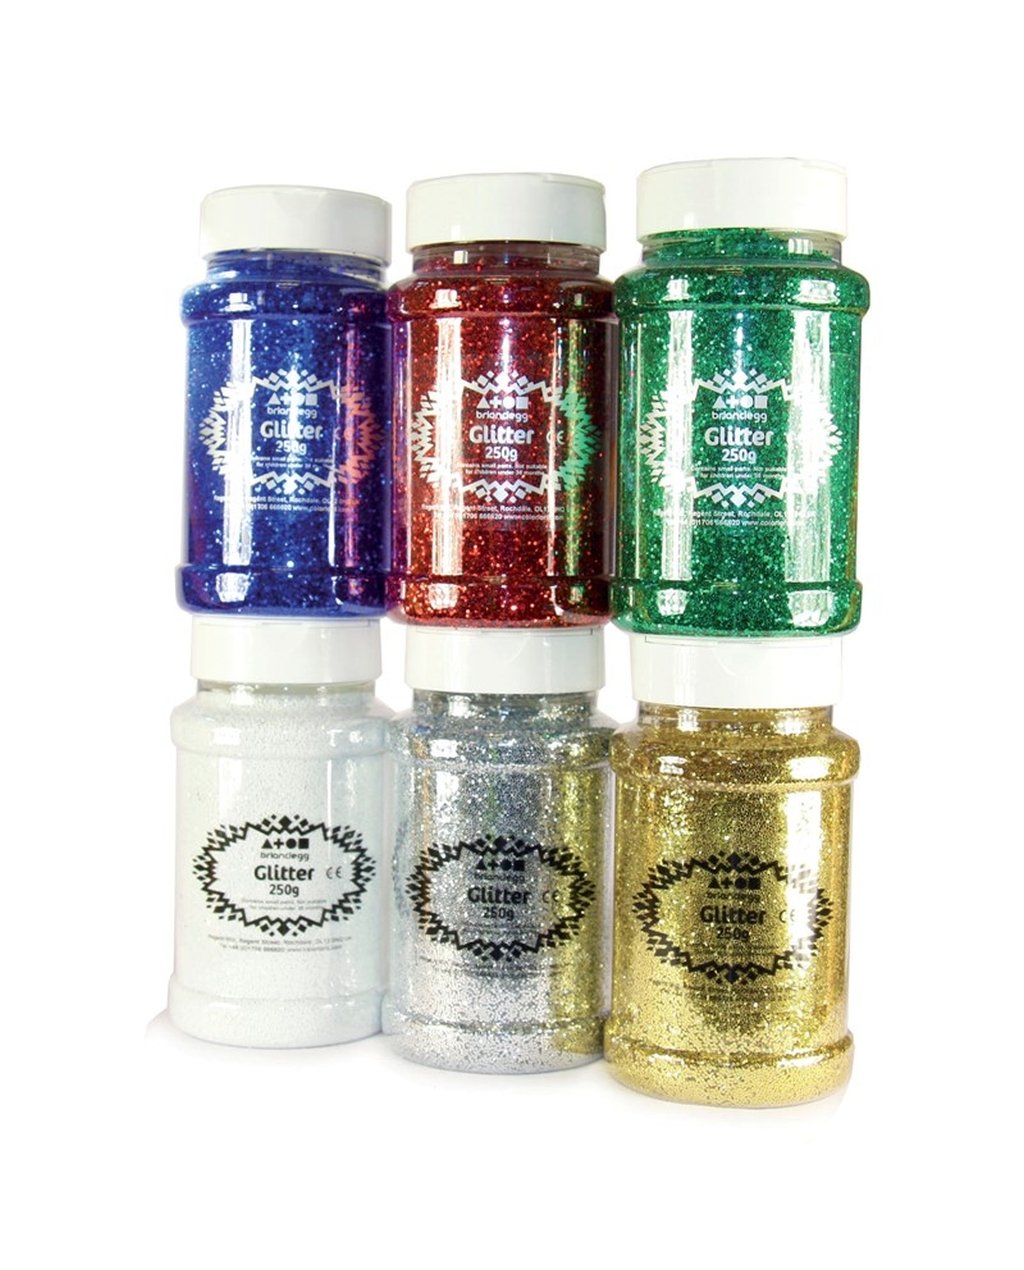 Glitter Flakes Shaker 250g - Blue